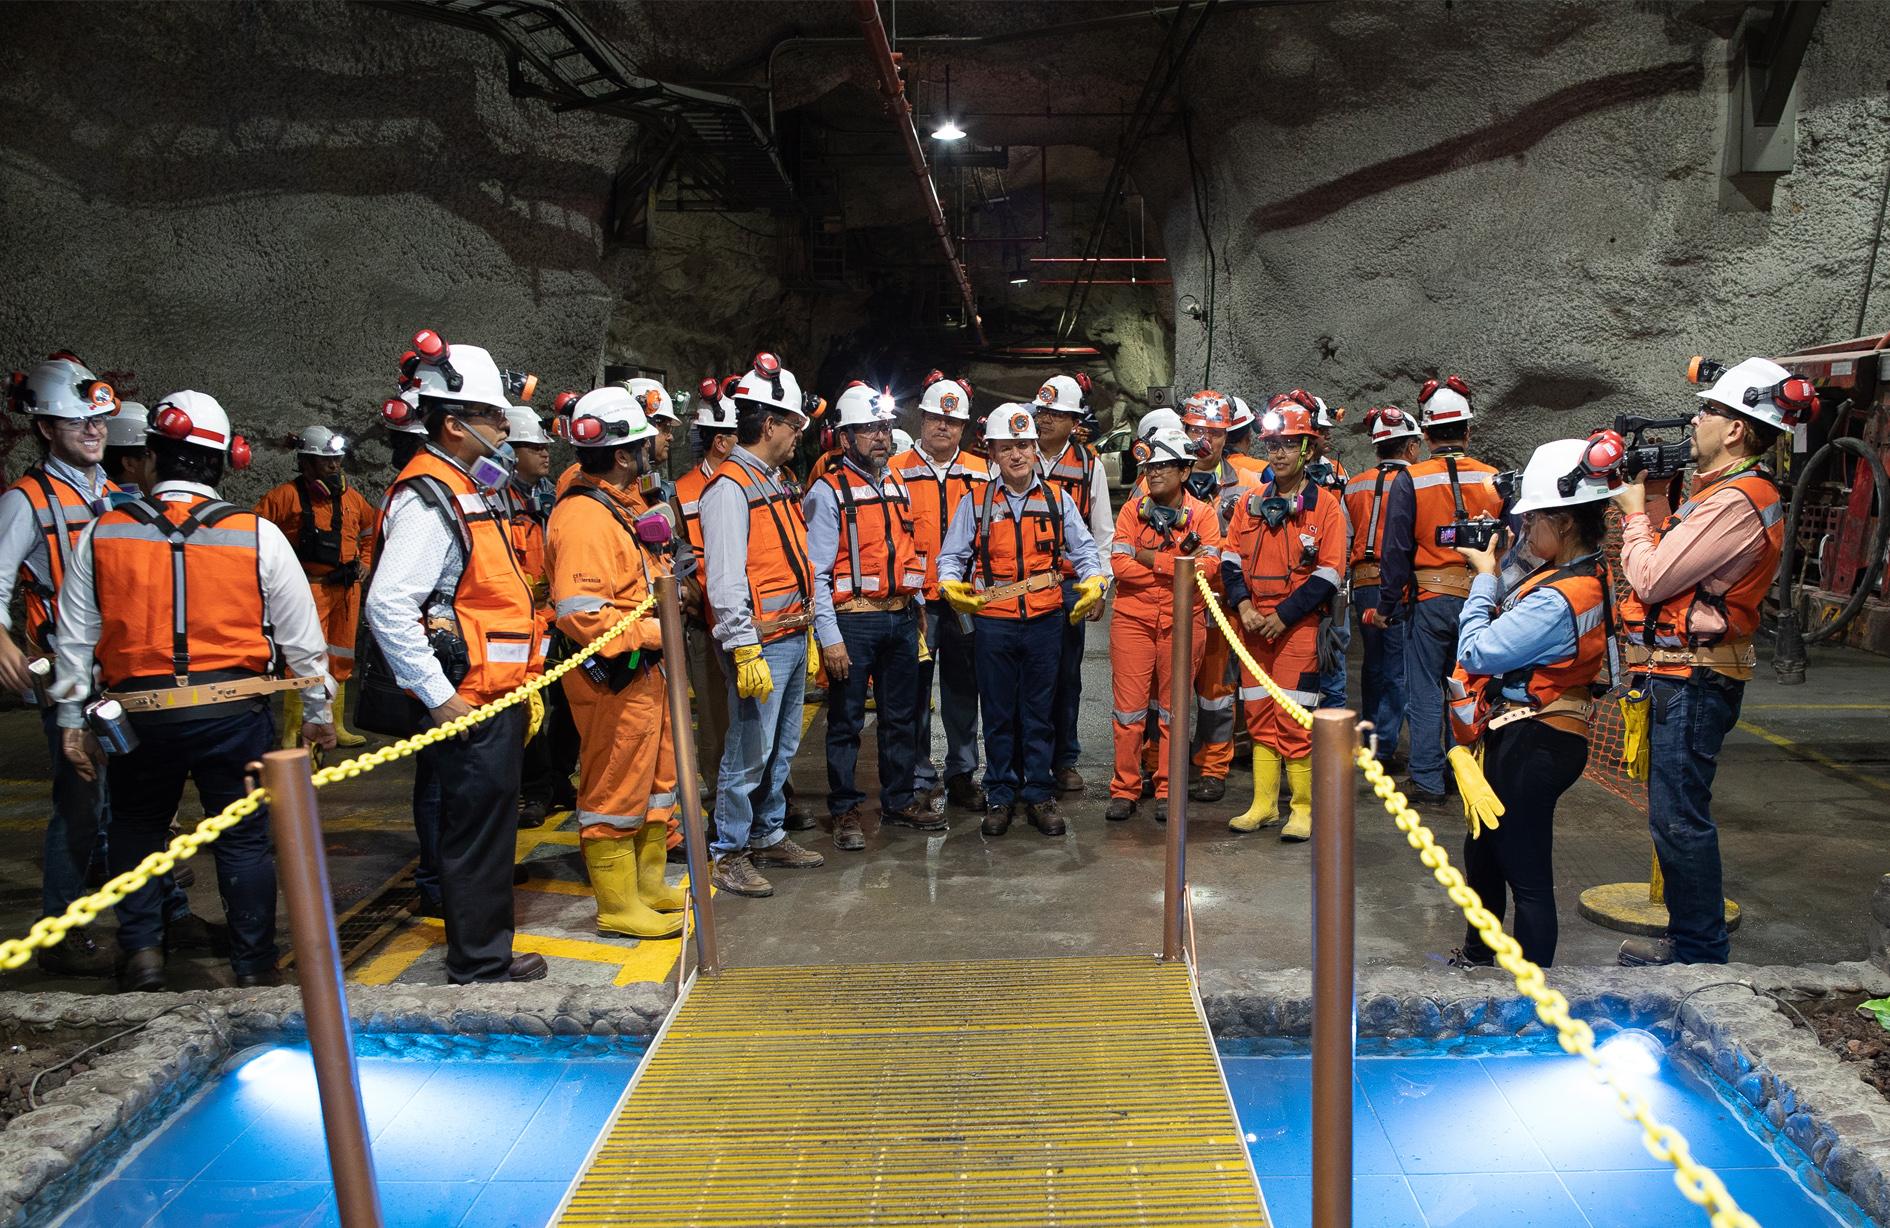 El Titular de la STPS Roberto Campa posando durante el Recorrido mina Velardeña-Peñones en el Día Mundial de la Seguridad y Salud en el Trabajo 2018